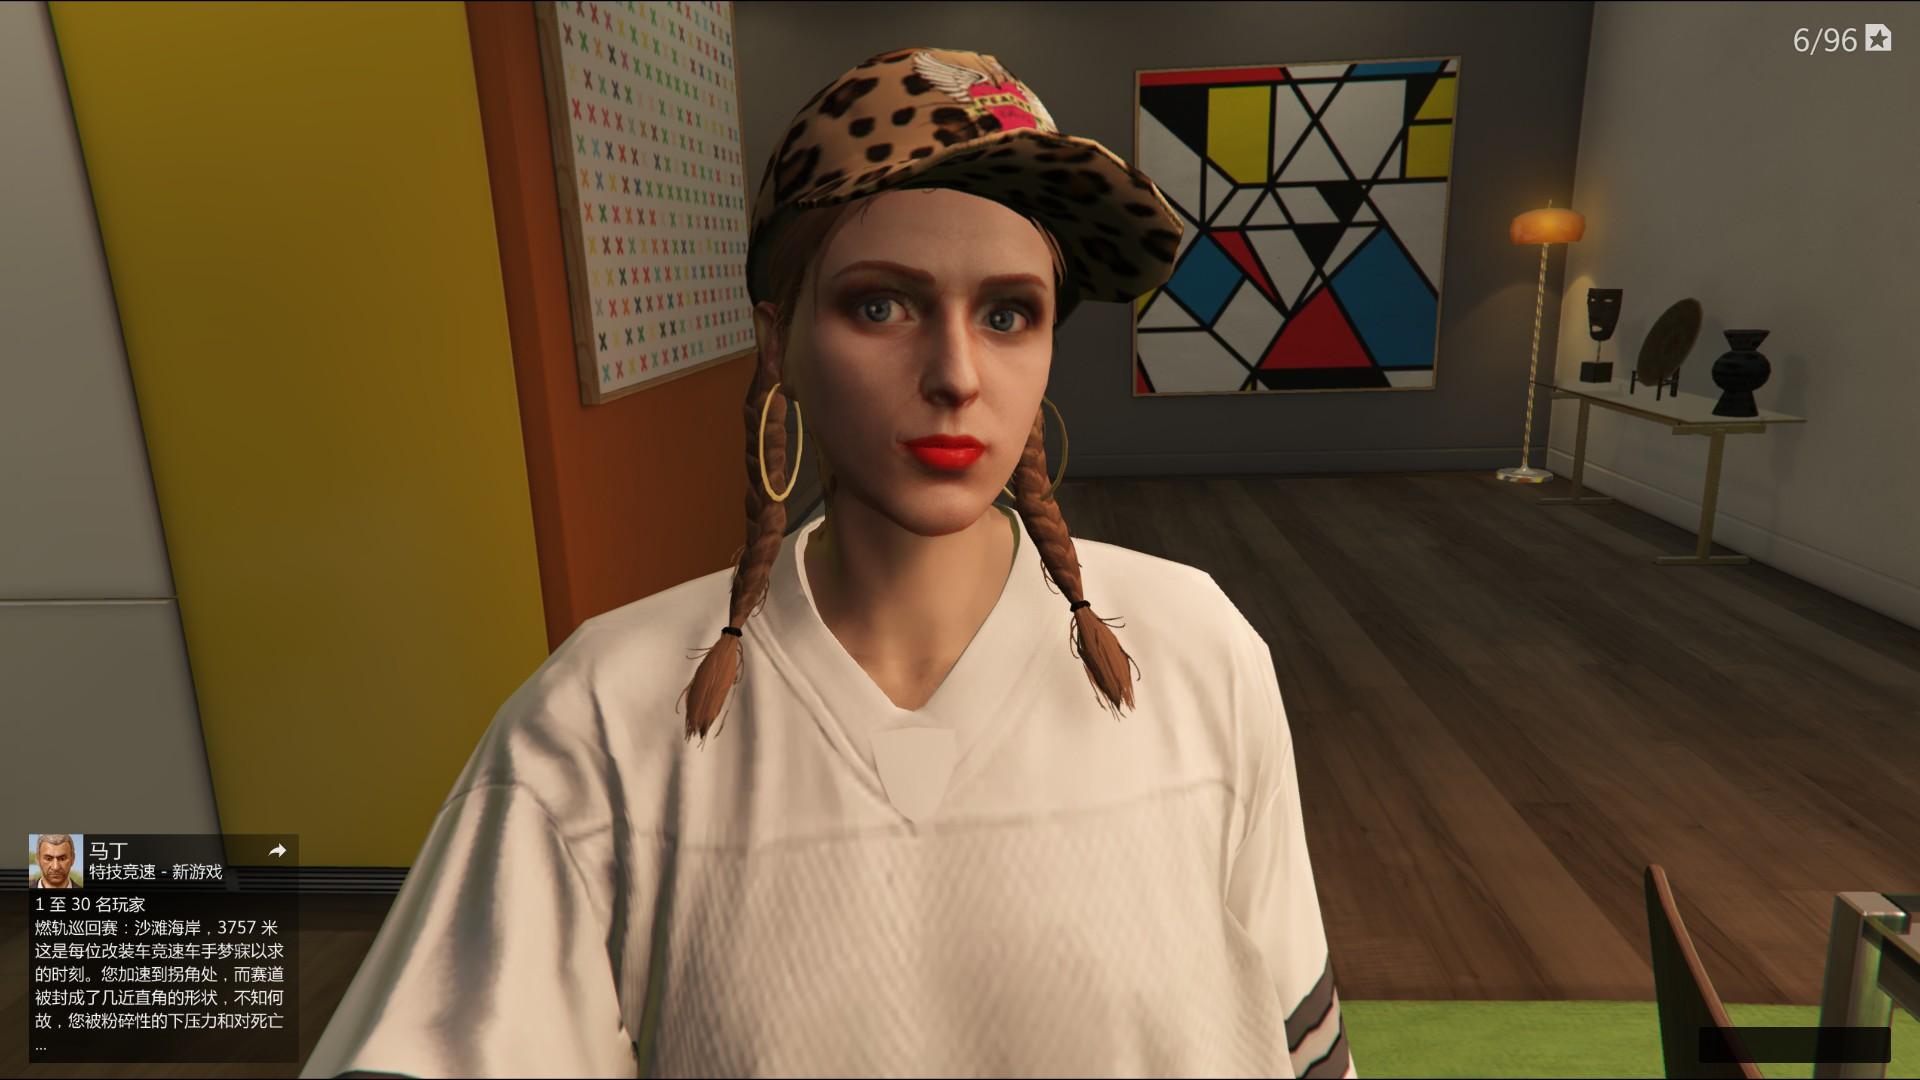 【捏脸】GTA5女角色捏脸数据插图